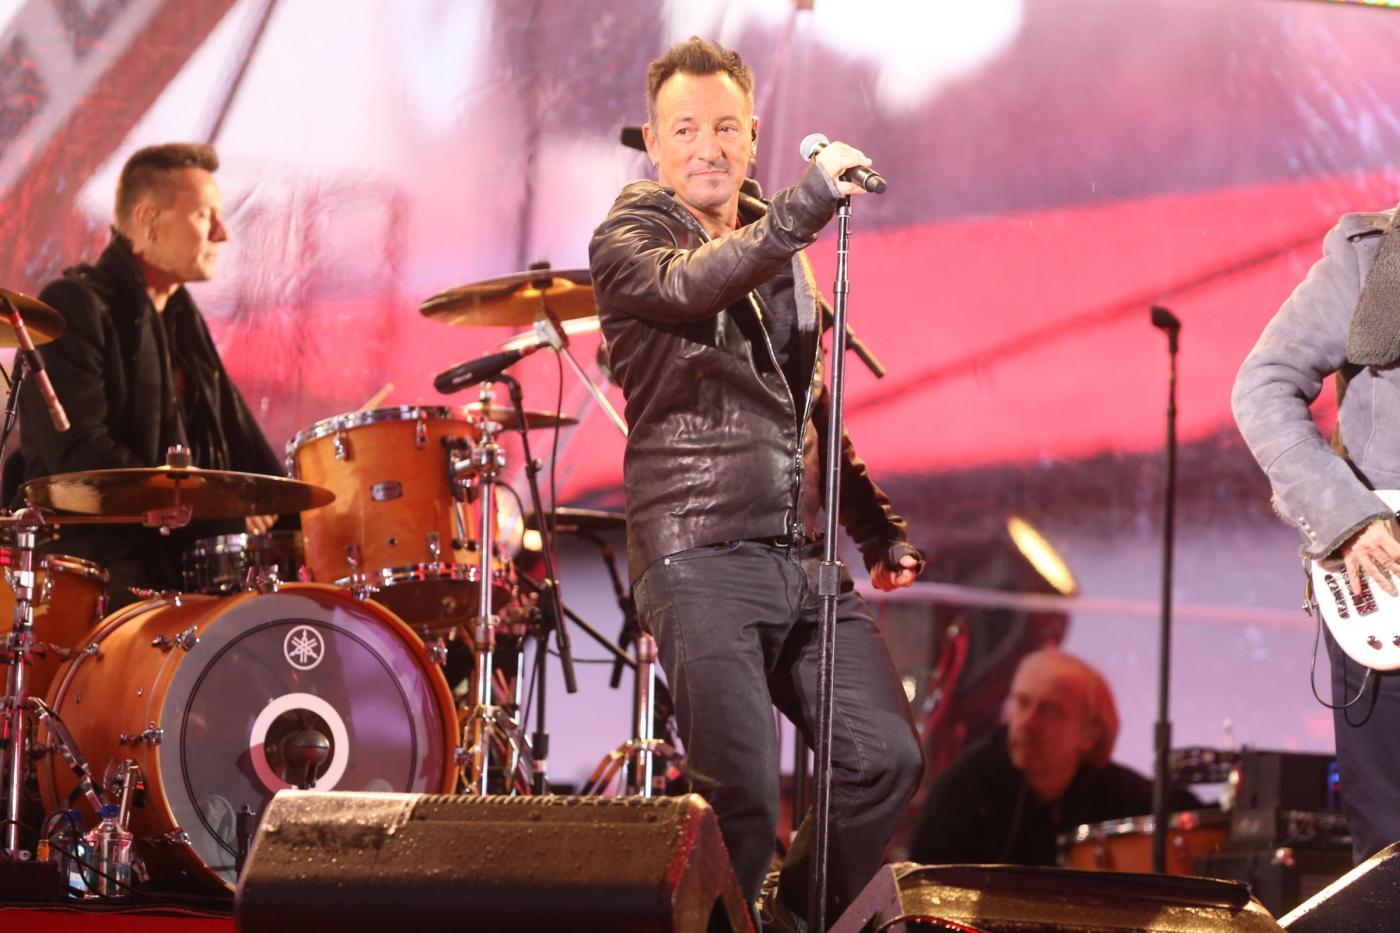 Born to run, l'autobiografia di Bruce Springsteen in libreria a settembre 2016